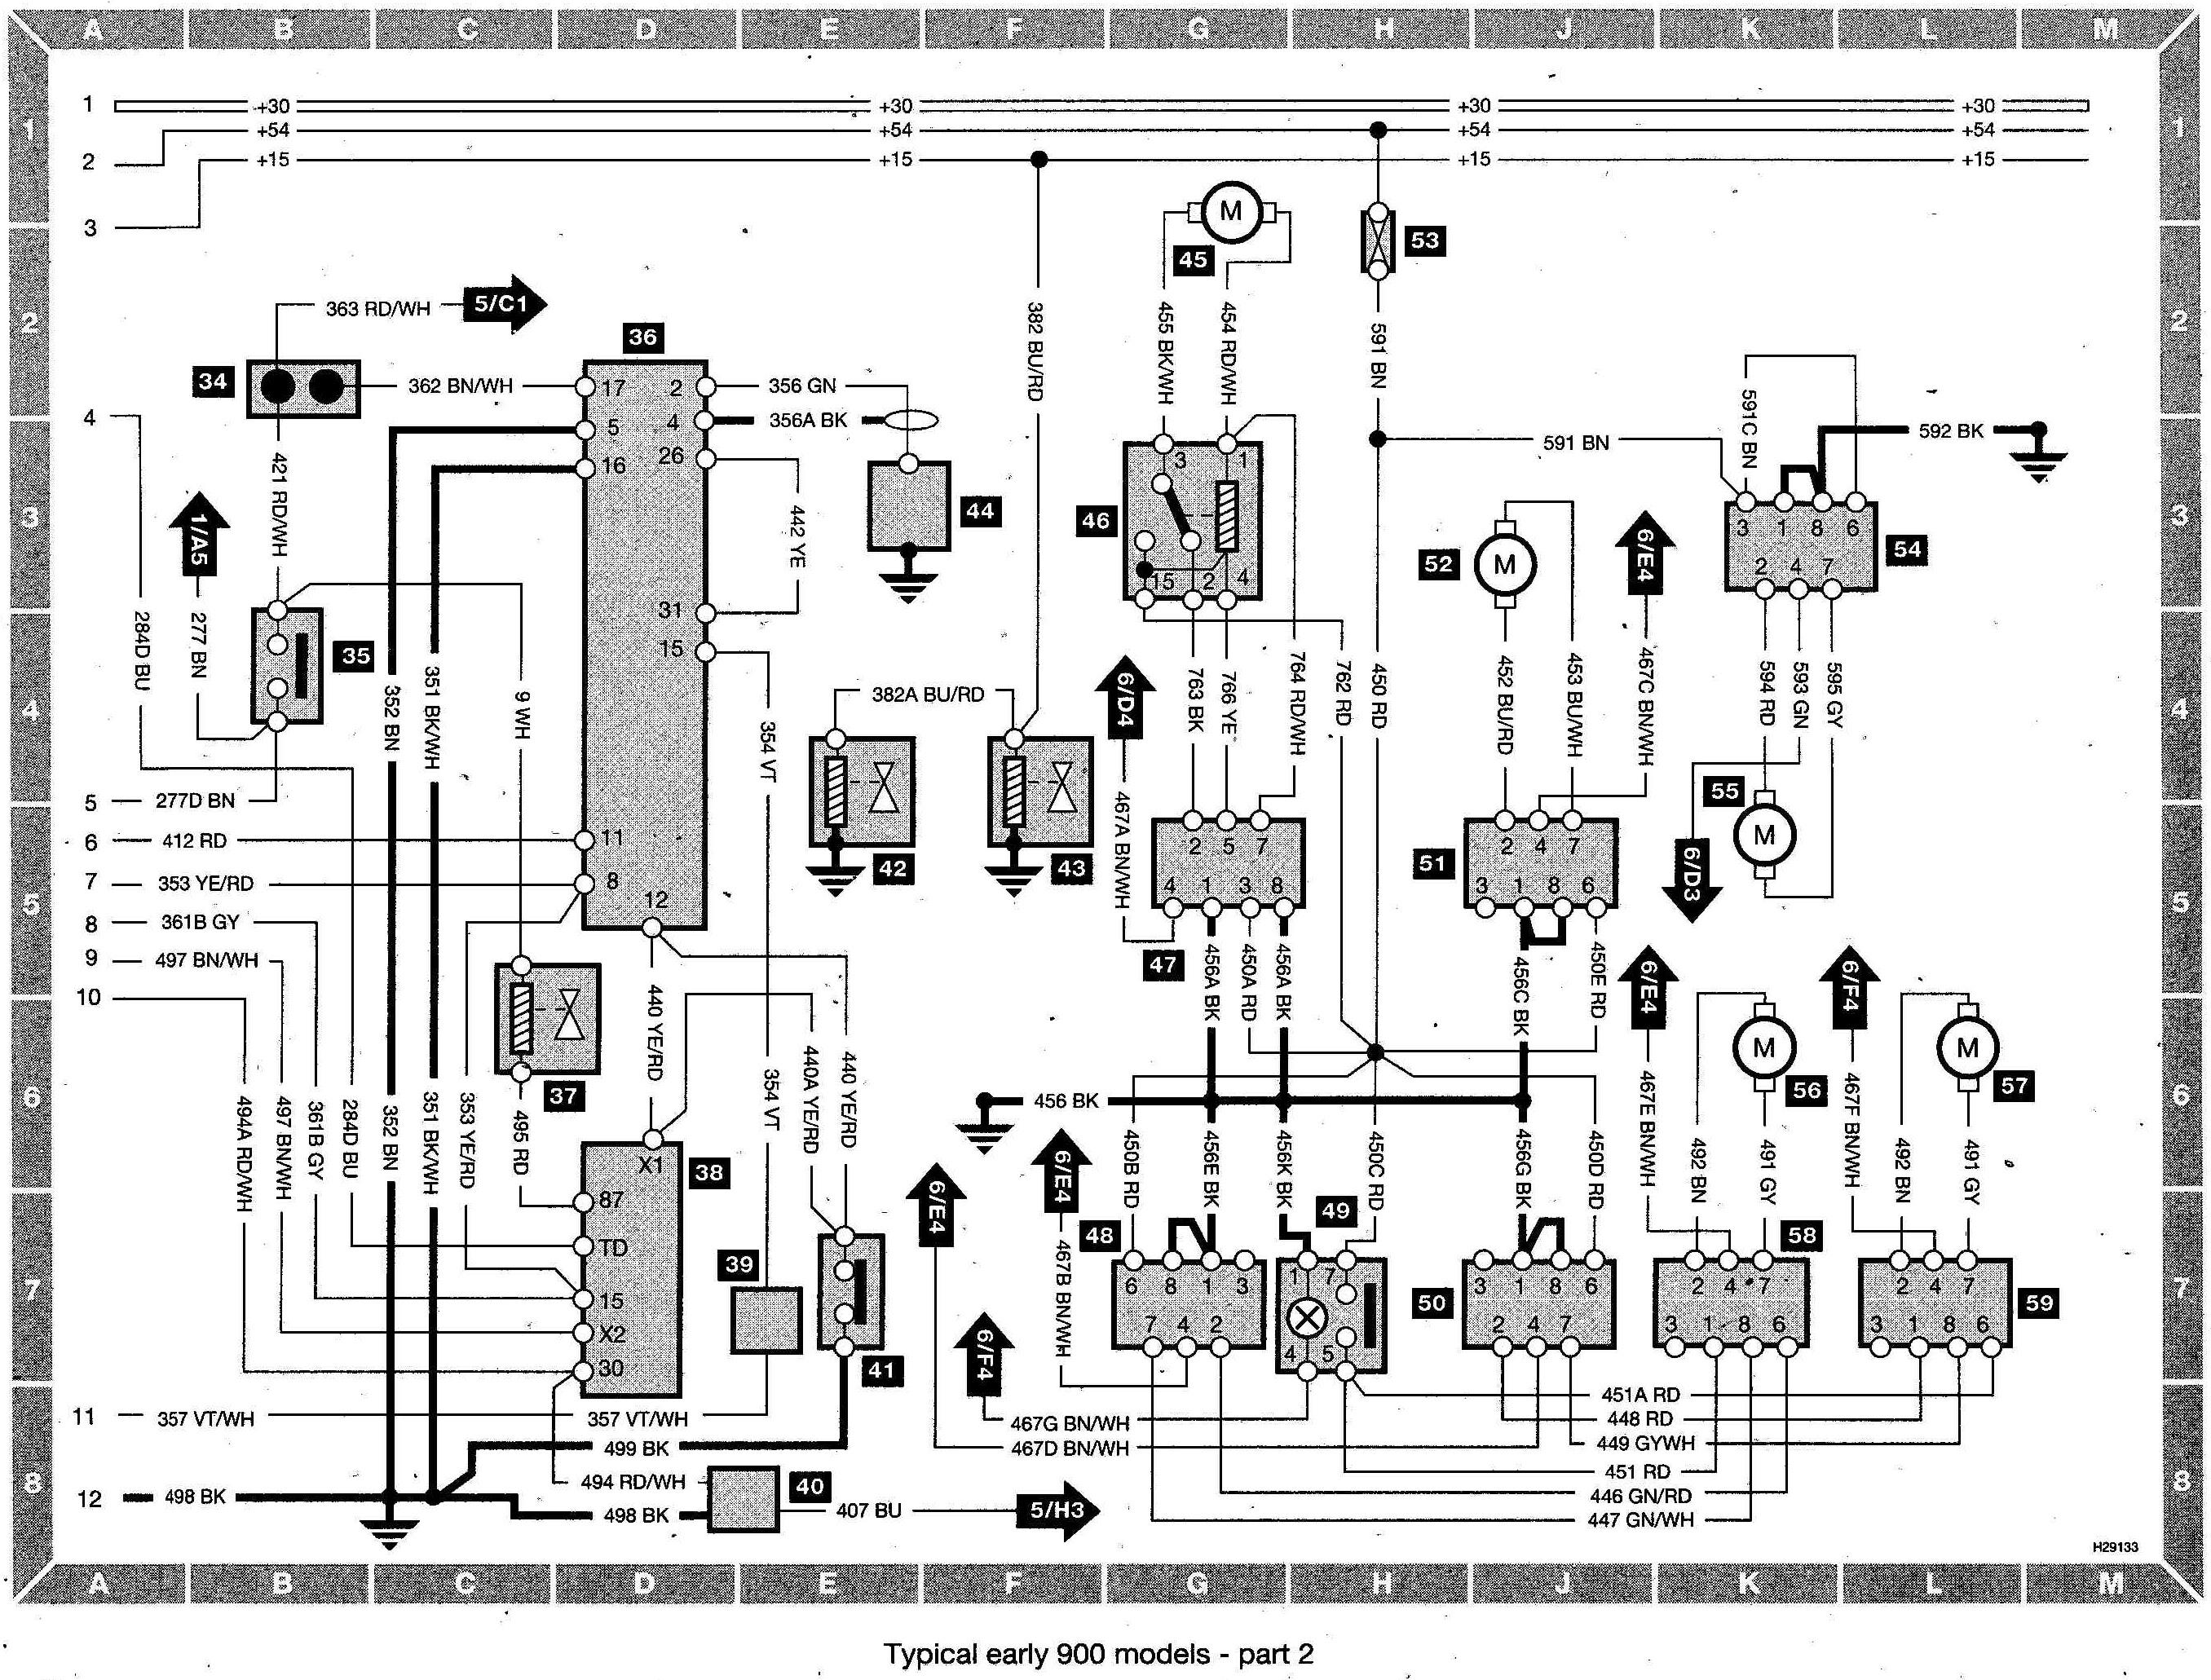 Remarkable Saab 9 5 Wiring Diagram Wiring Diagram Database Wiring Cloud Hemtshollocom